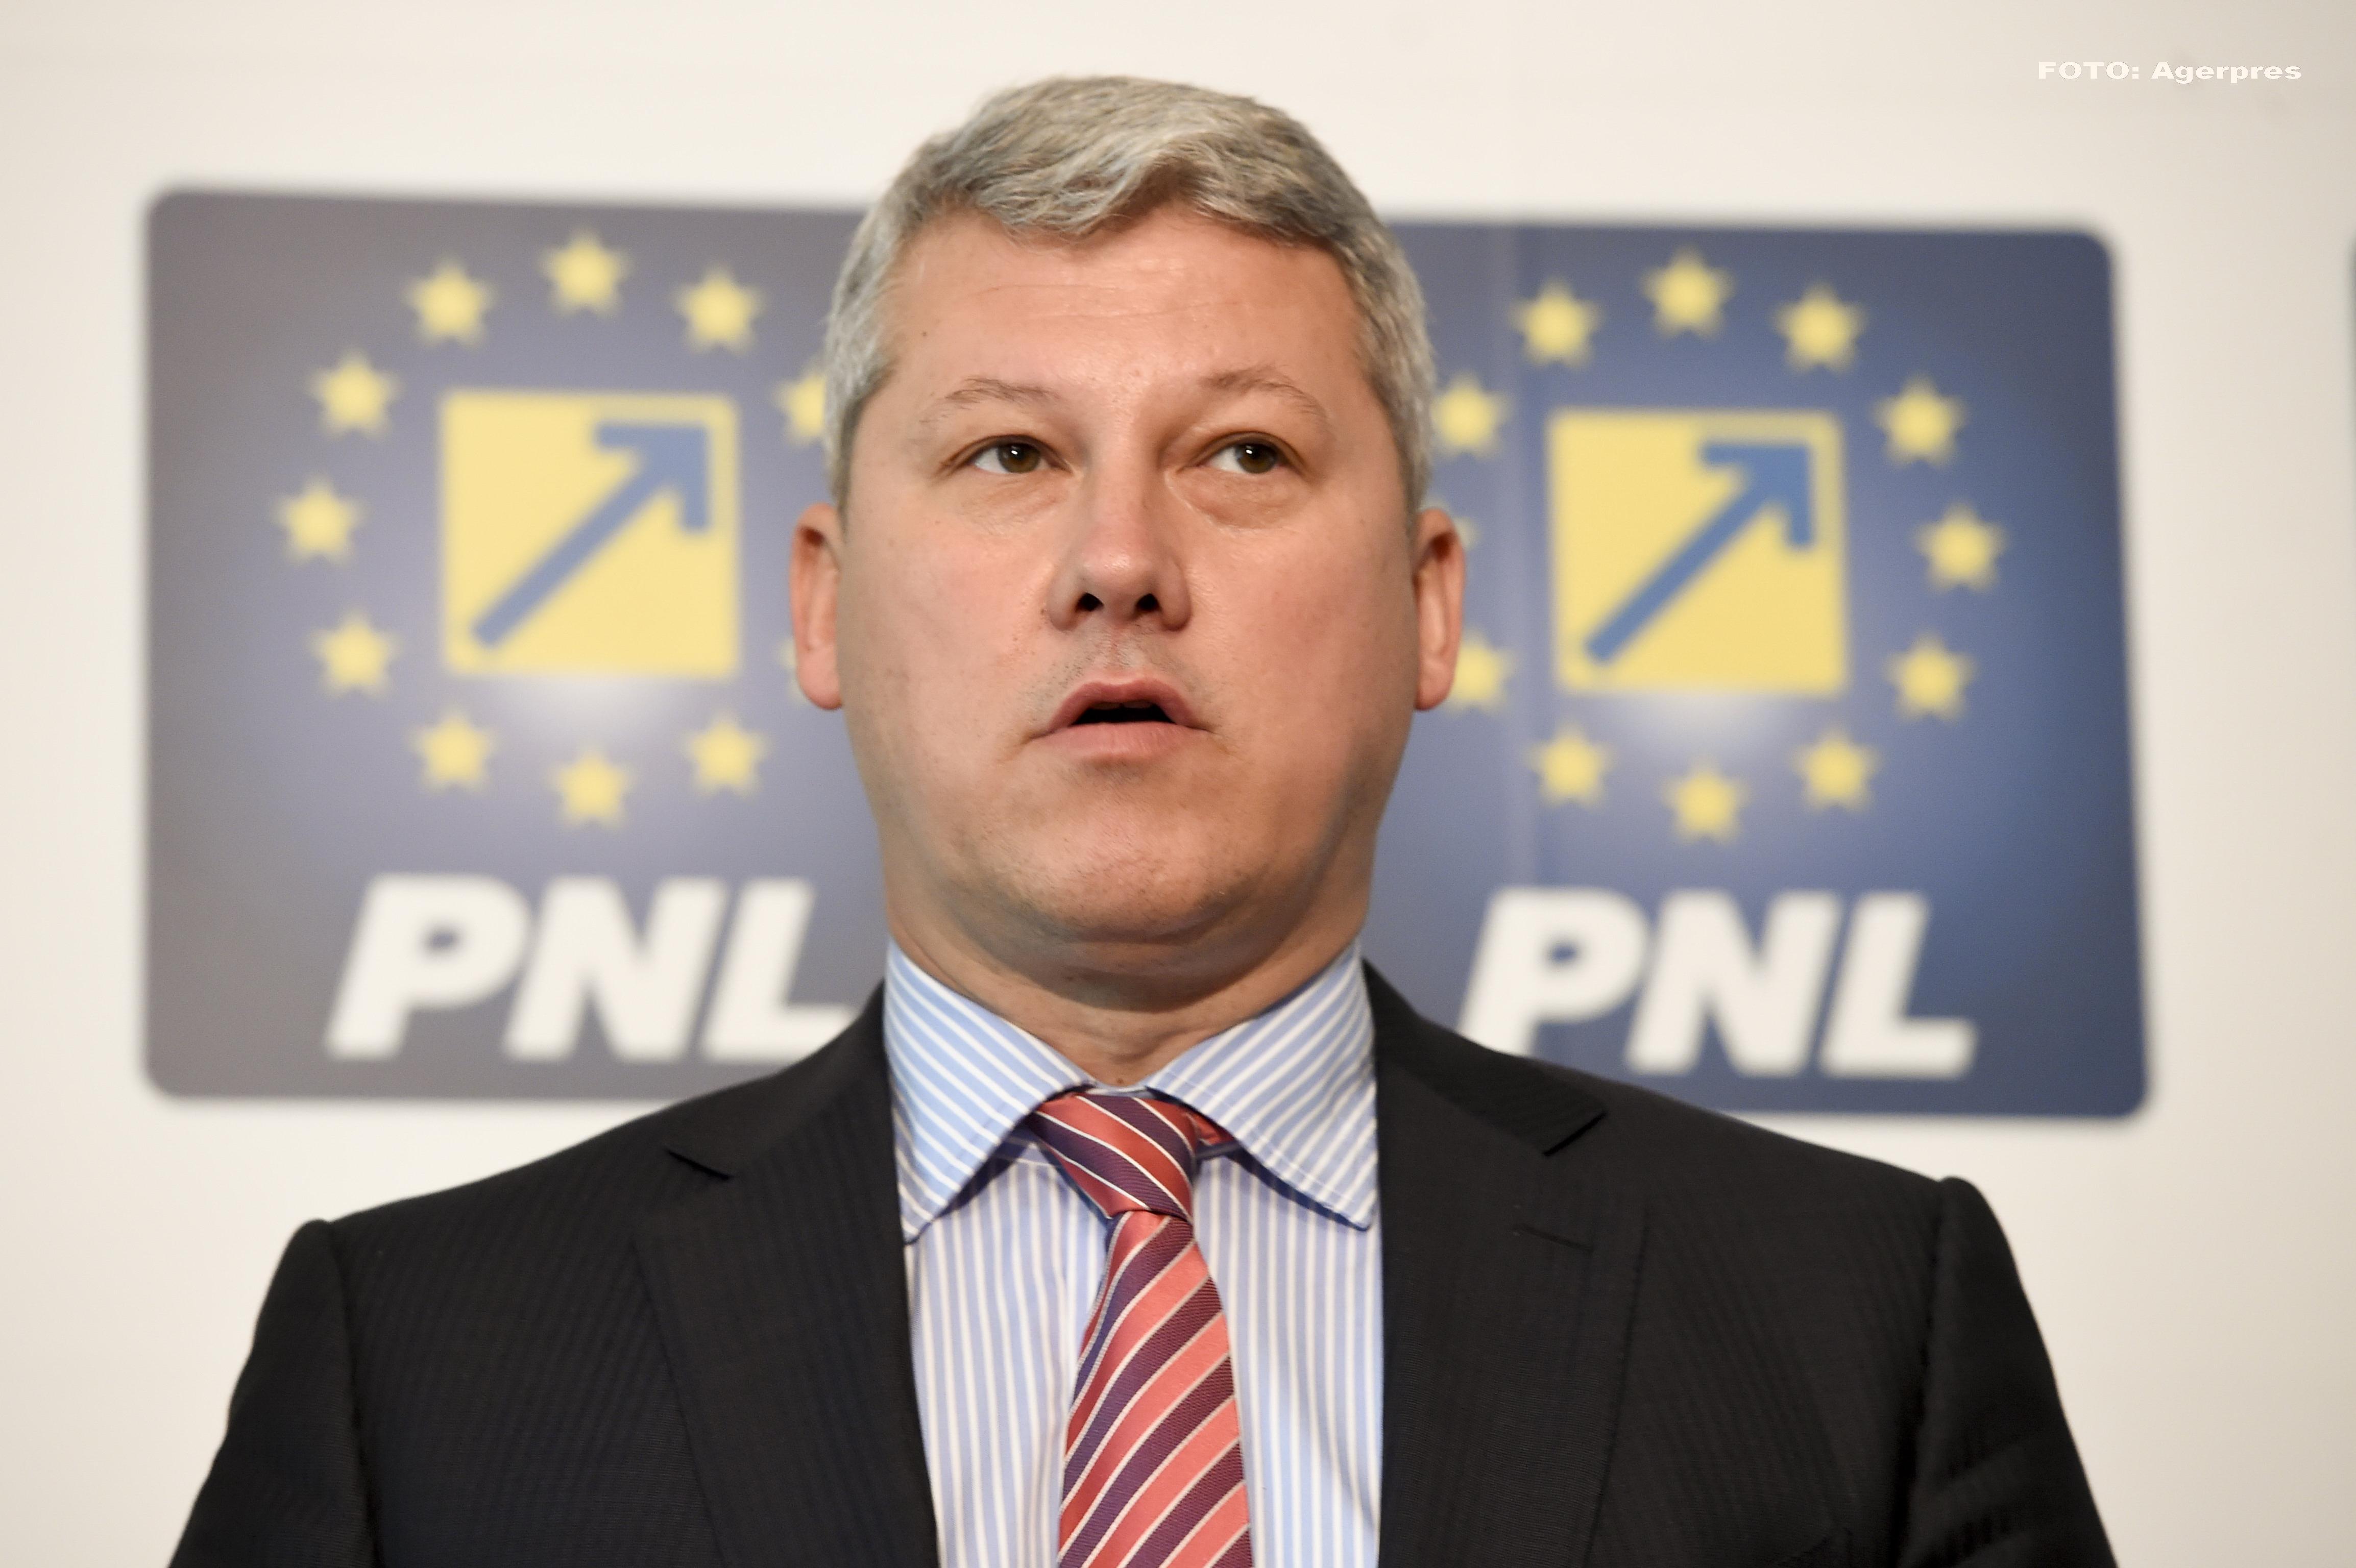 Catalin Predoiu: